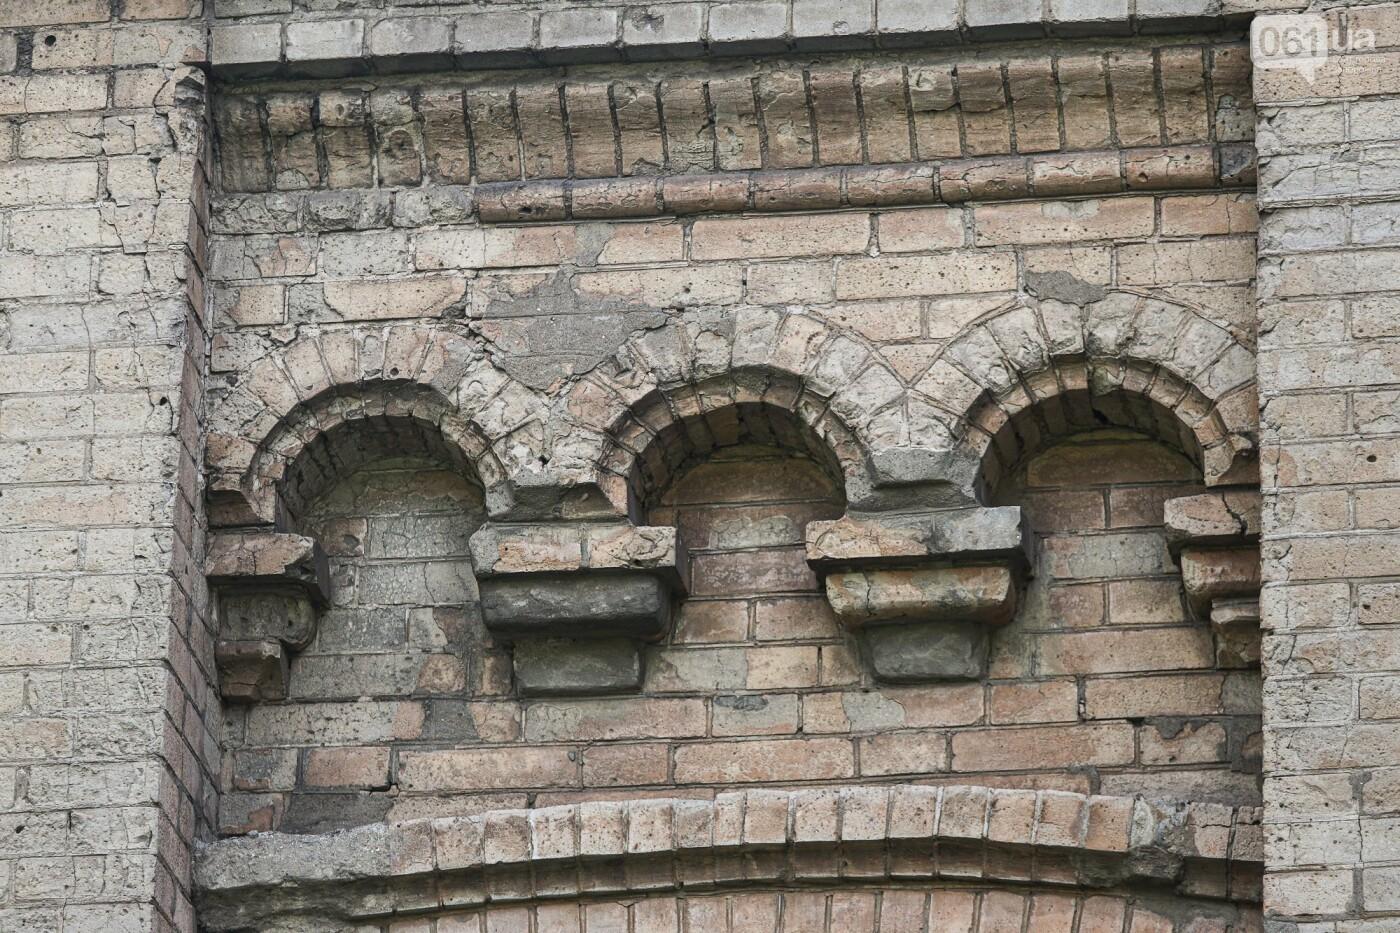 Памятники Старого Александровска: как сейчас выглядит здание первой в городе электростанции, - ФОТО, фото-11